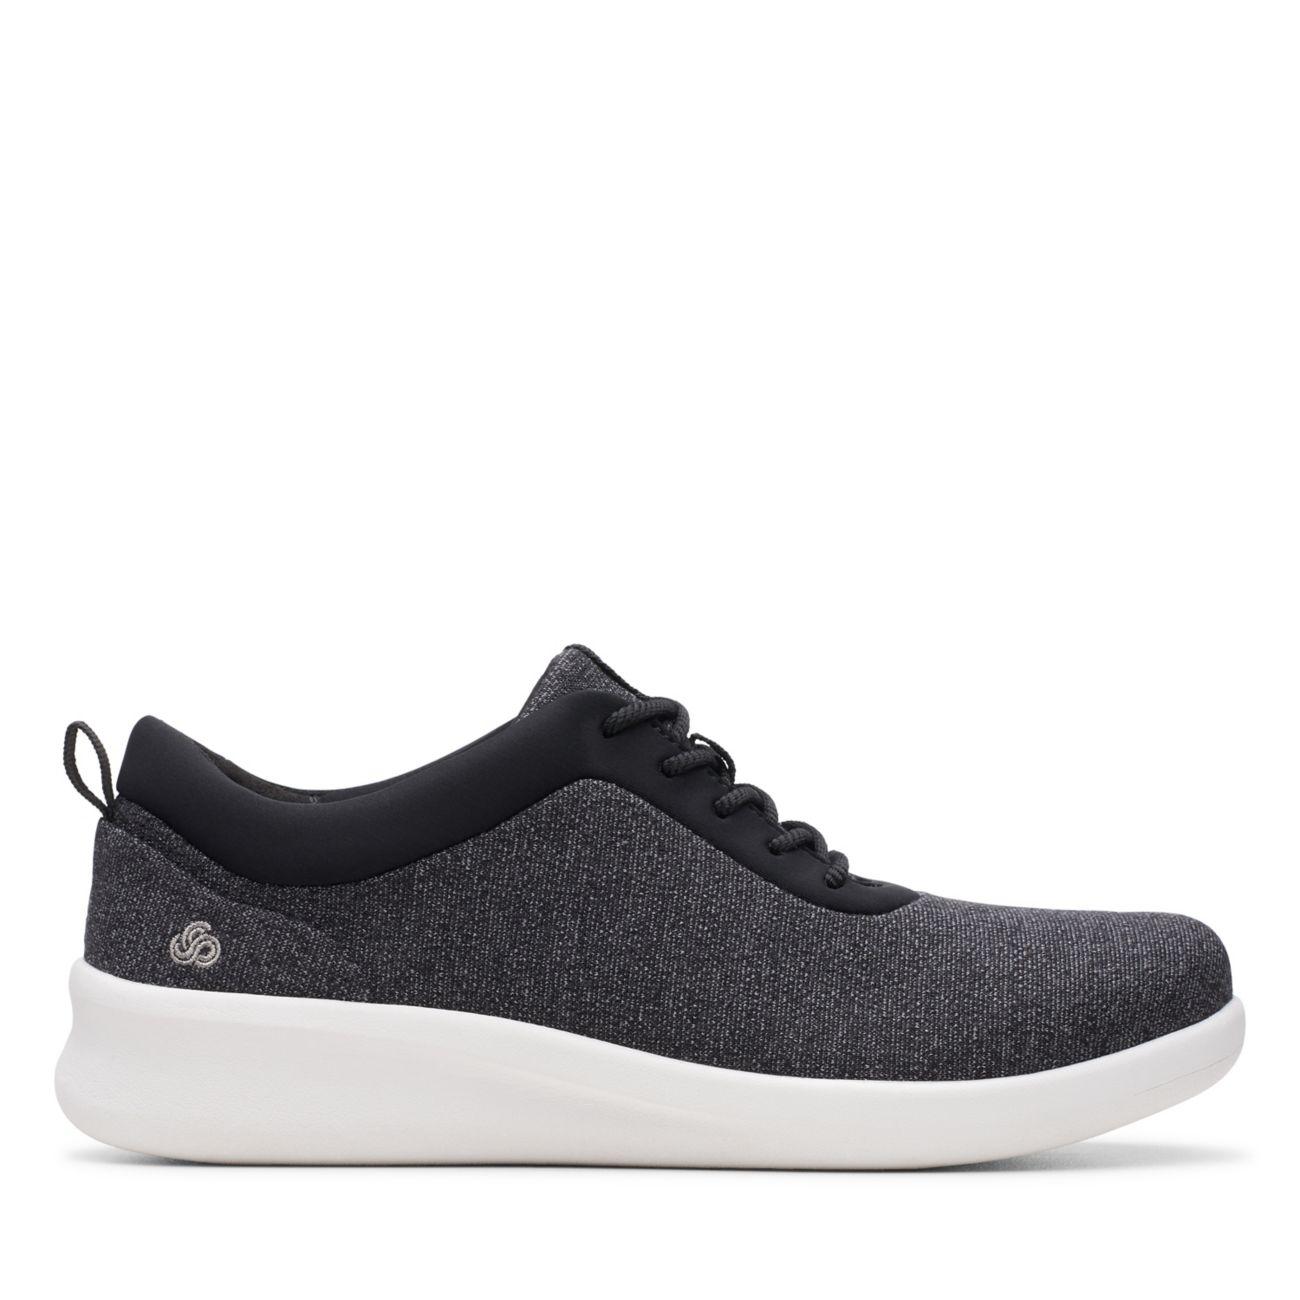 Sillian2.0Pace Black Combi - Womens Shoes - Clarks® Shoes Official Site     Clarks